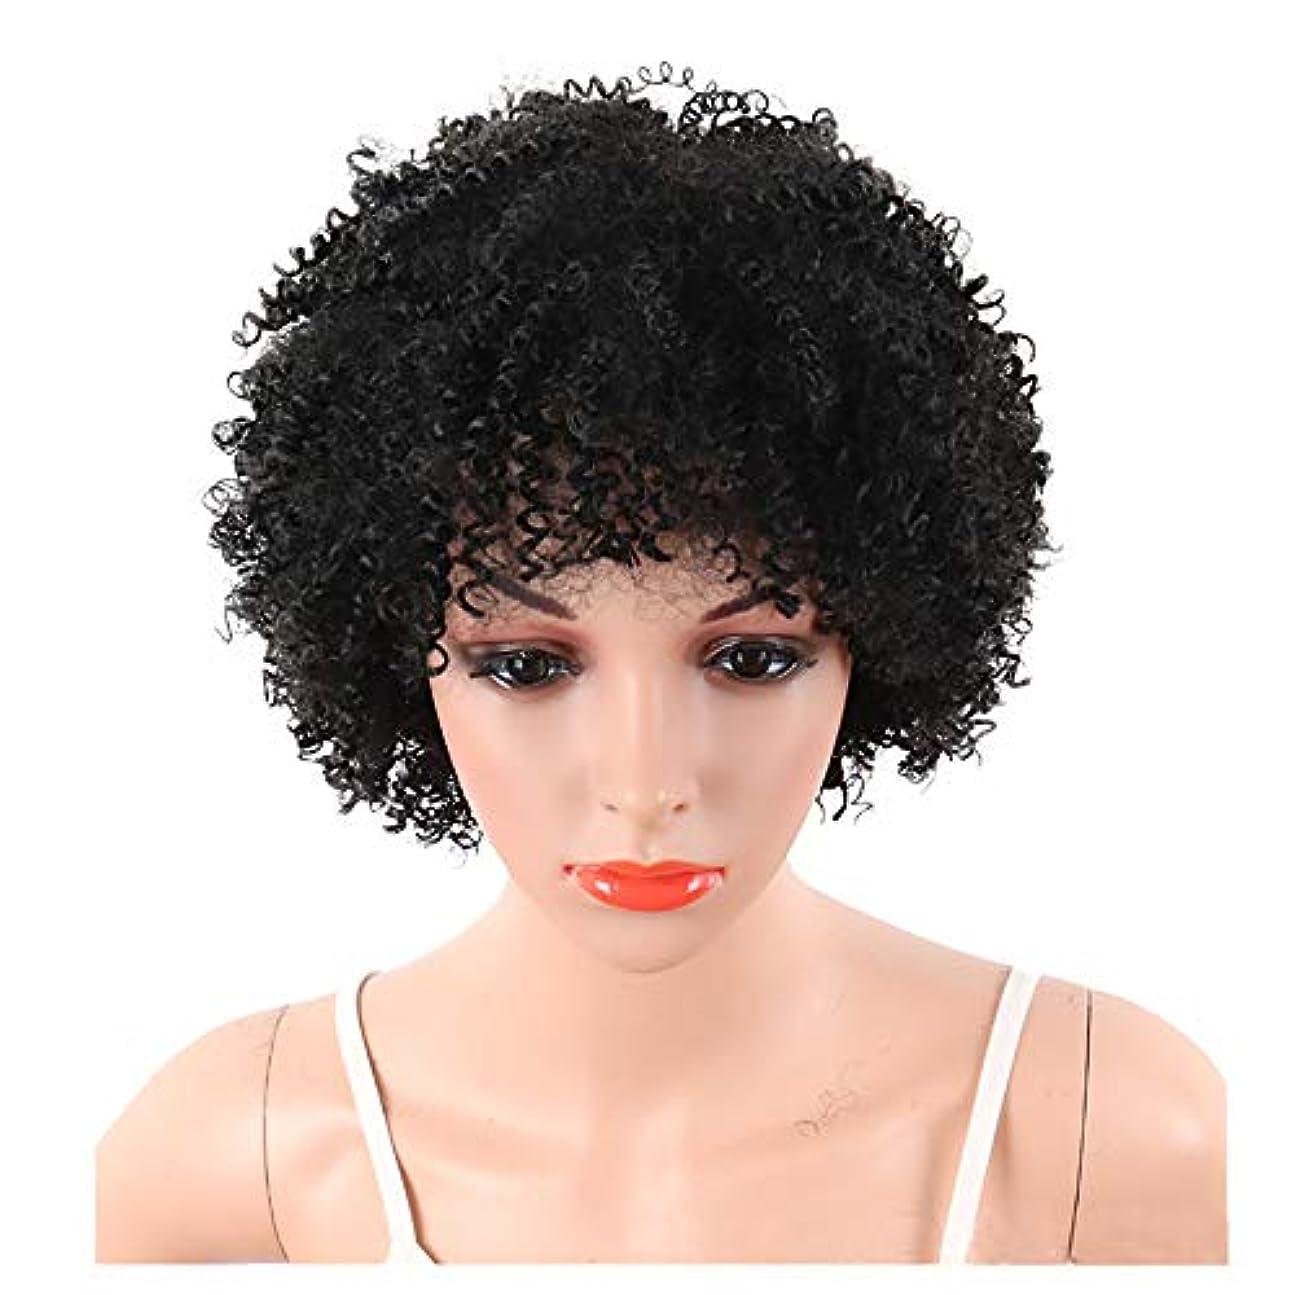 前提条件分散うるさいYOUQIU ショートボブウィッグ女性ナチュラル人工毛かつら用6